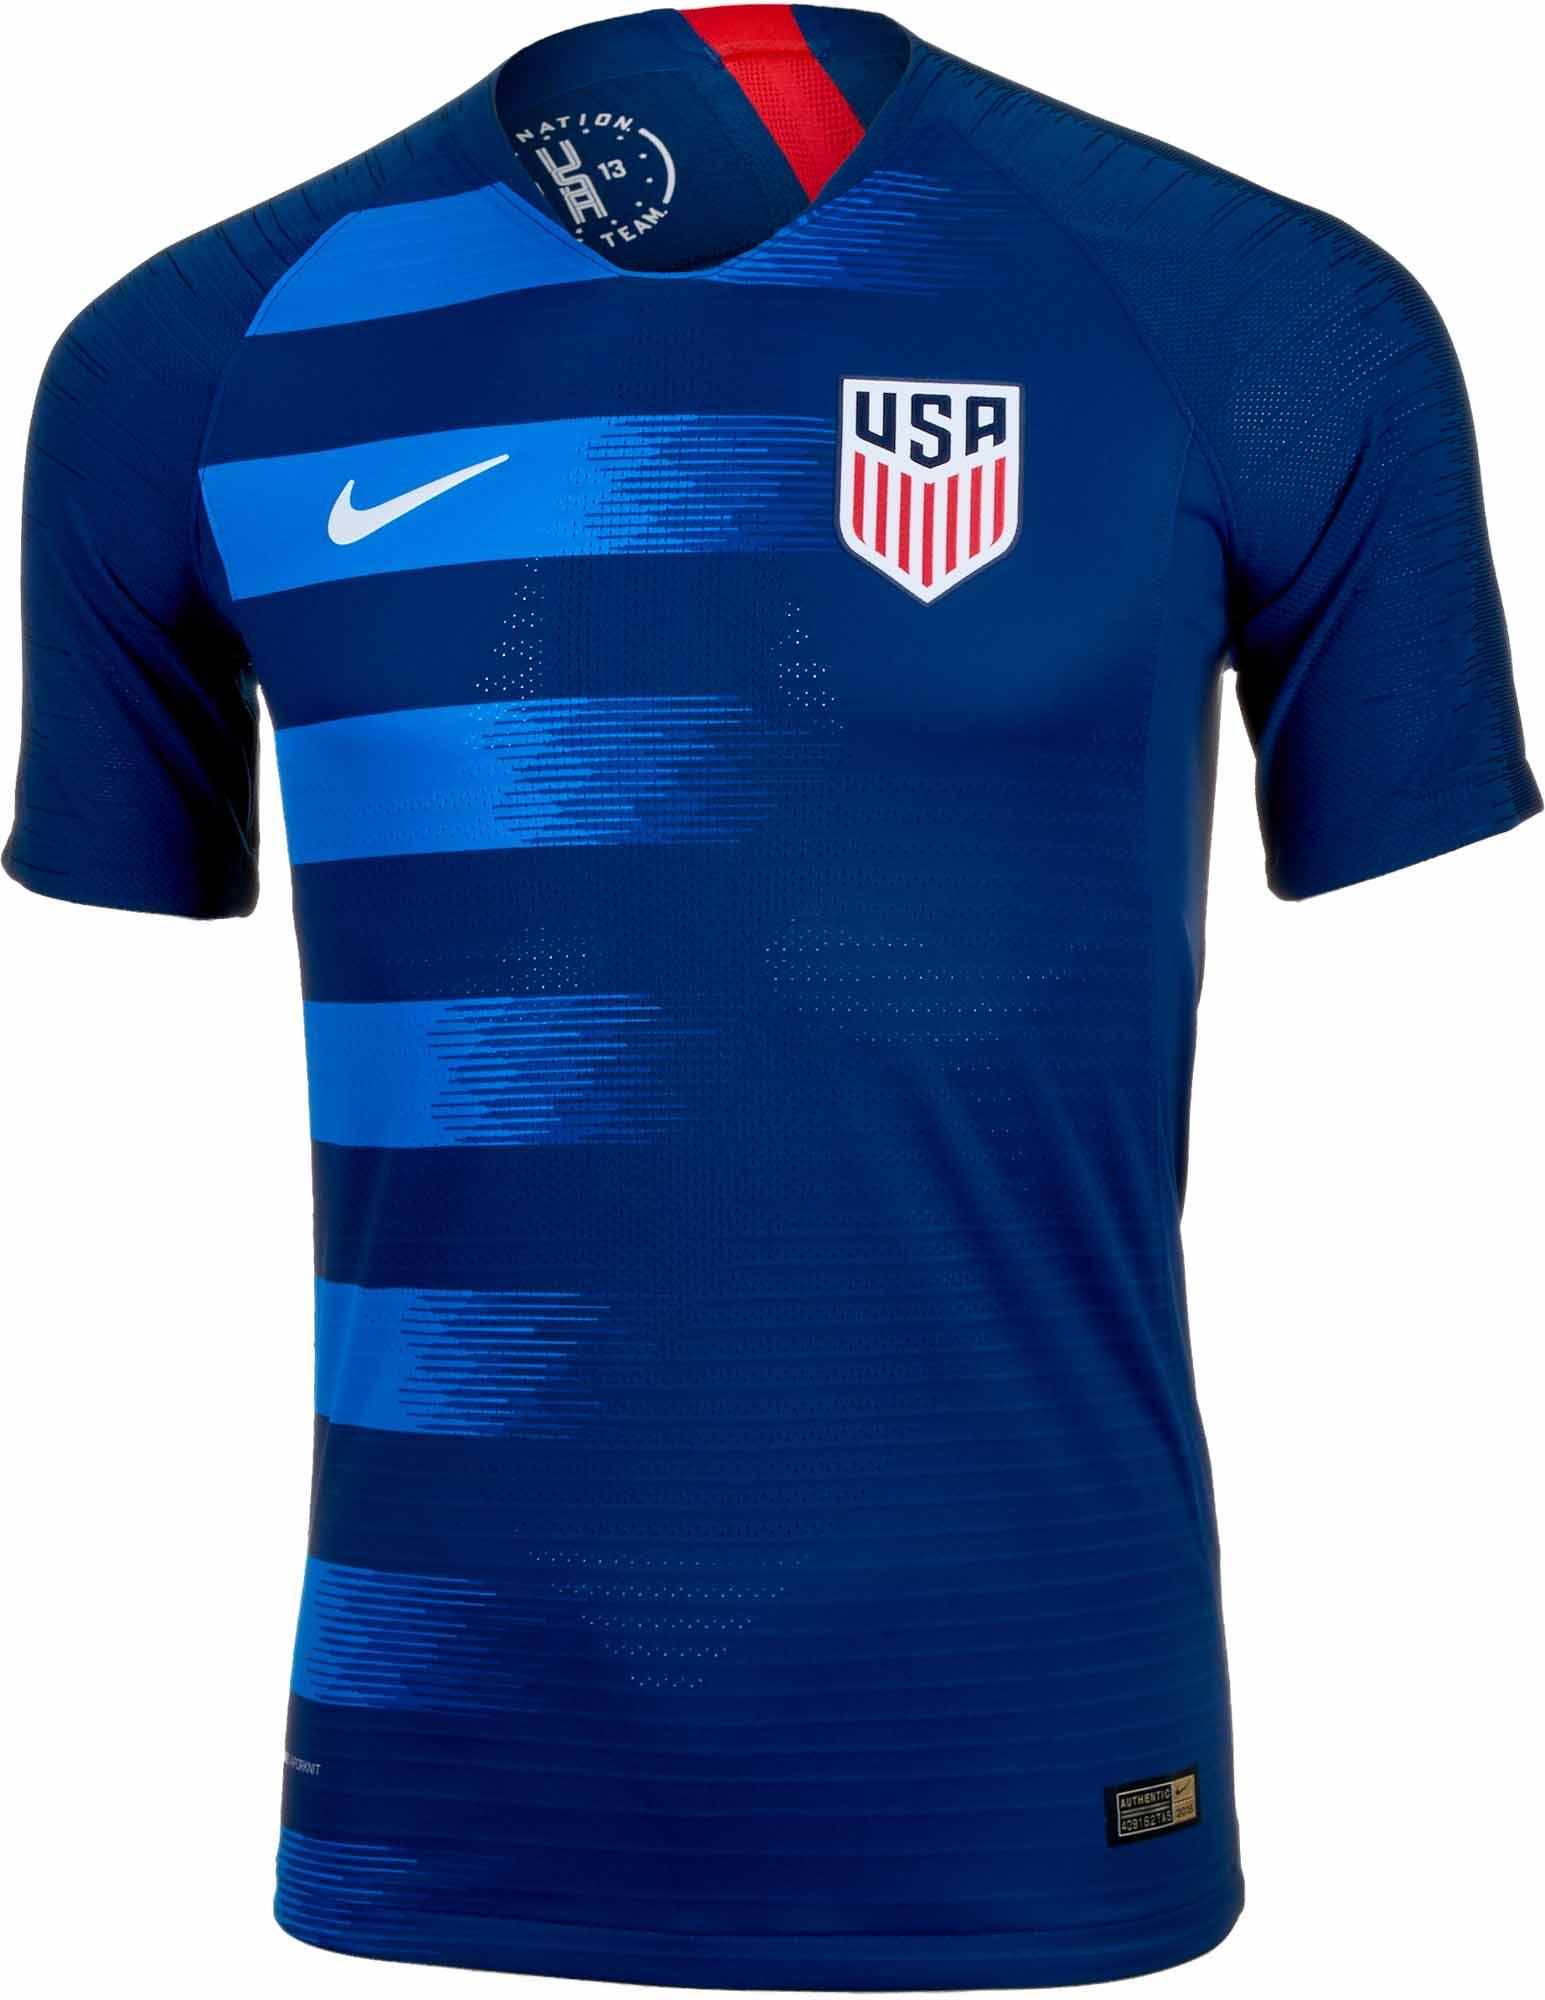 d22dae7c46d 2018 19 Nike USA Away Match Jersey - Soccer Master